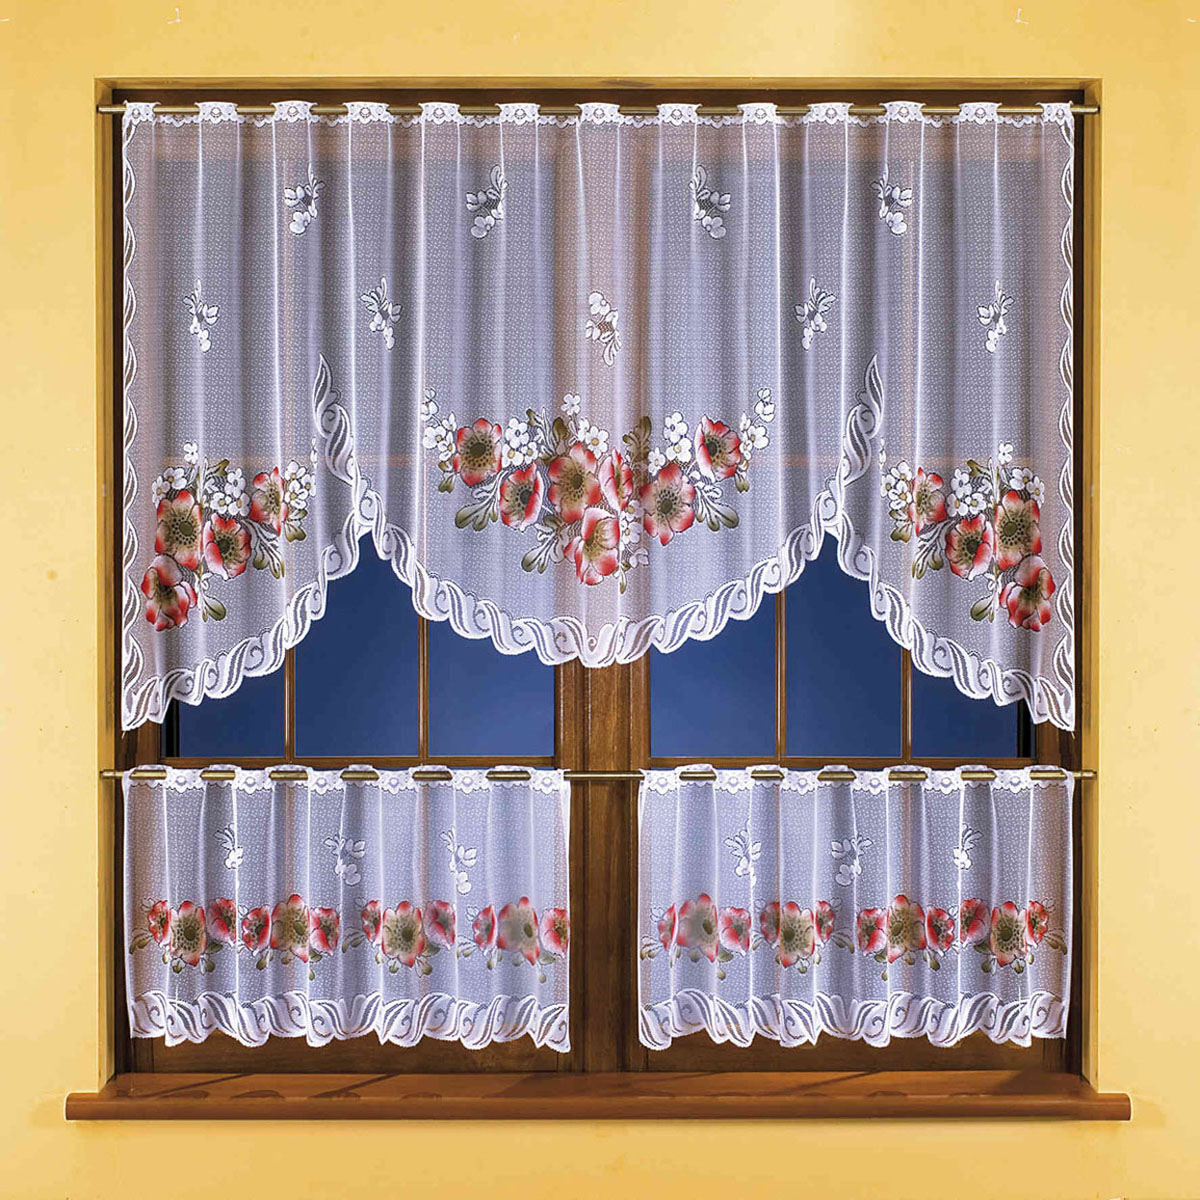 Гардина Wisan, цвет: белый, высота 45 см3261Жаккардовый комплект гардин белого цвета с цветным узором, состоящий из гардинного полотна для верхней части окна, а также двух шторок-кафе для нижней. Крепится на штангу с помощью специальных прорезей.Размеры: ширина 250смх высота100см+ (ширина125смх высота 45смх)2